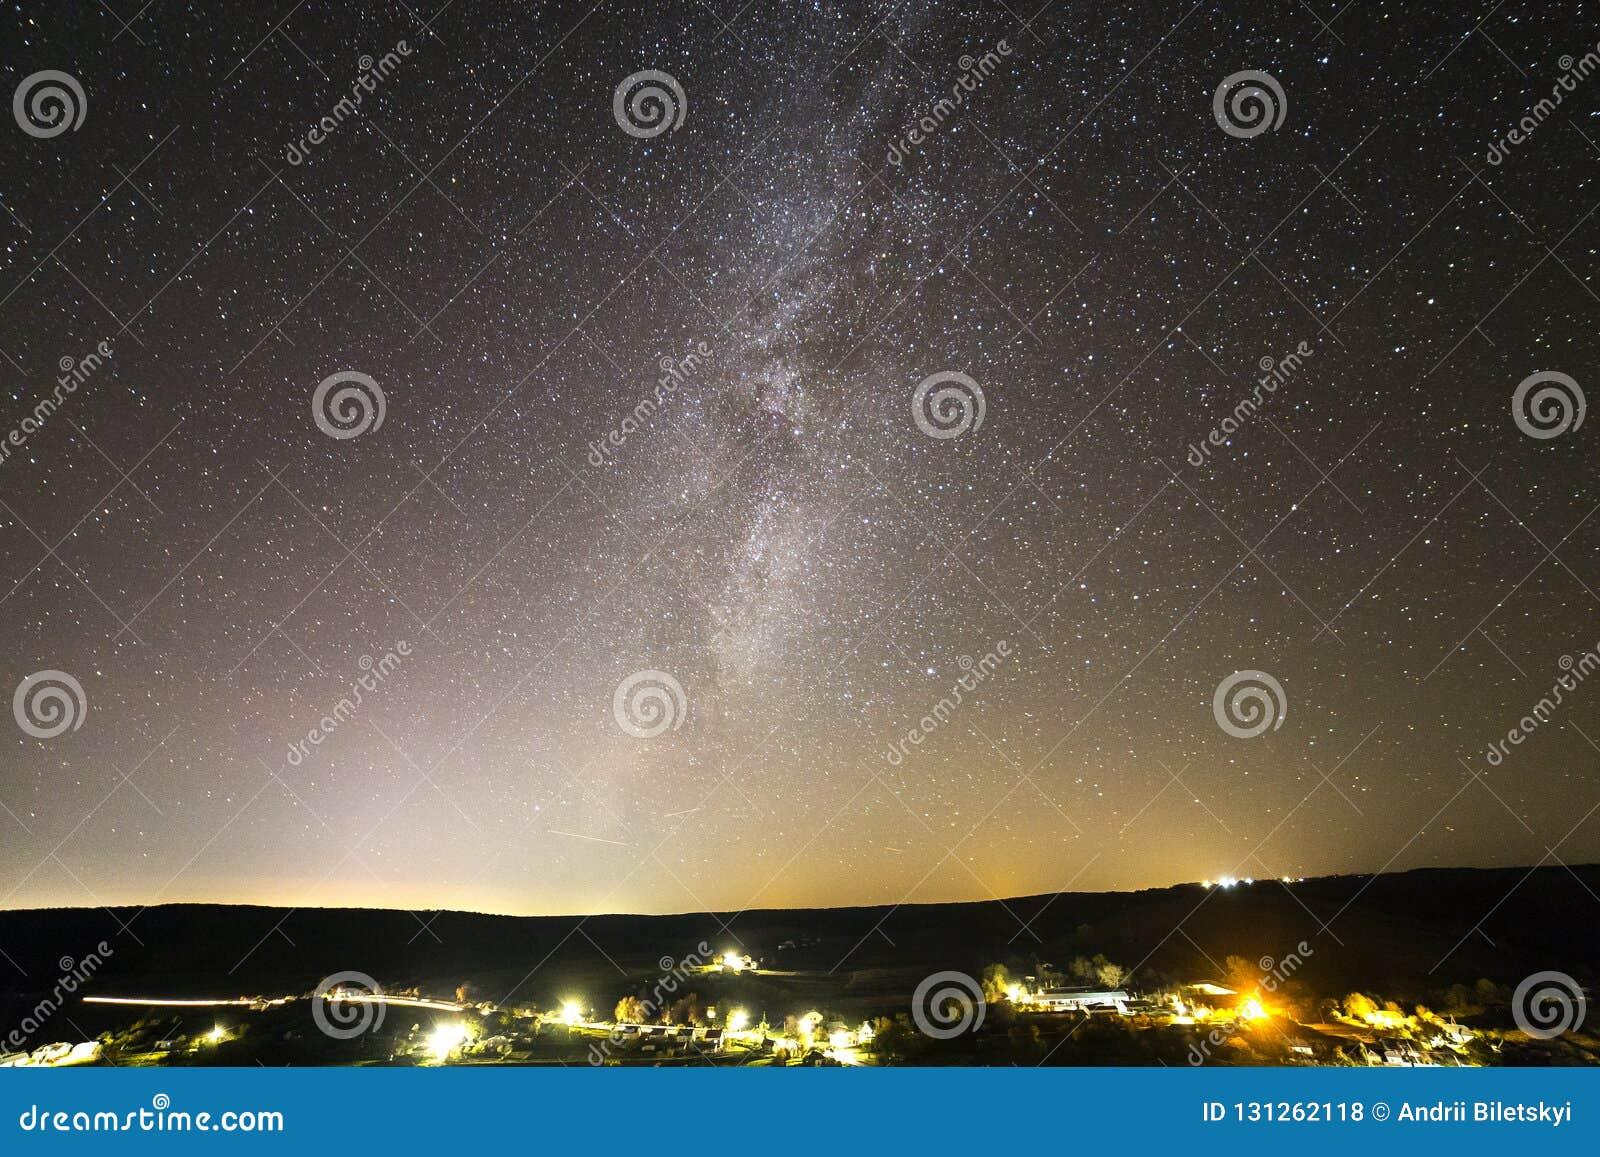 Mooie sterrige donkere nachthemel over landelijk landschap